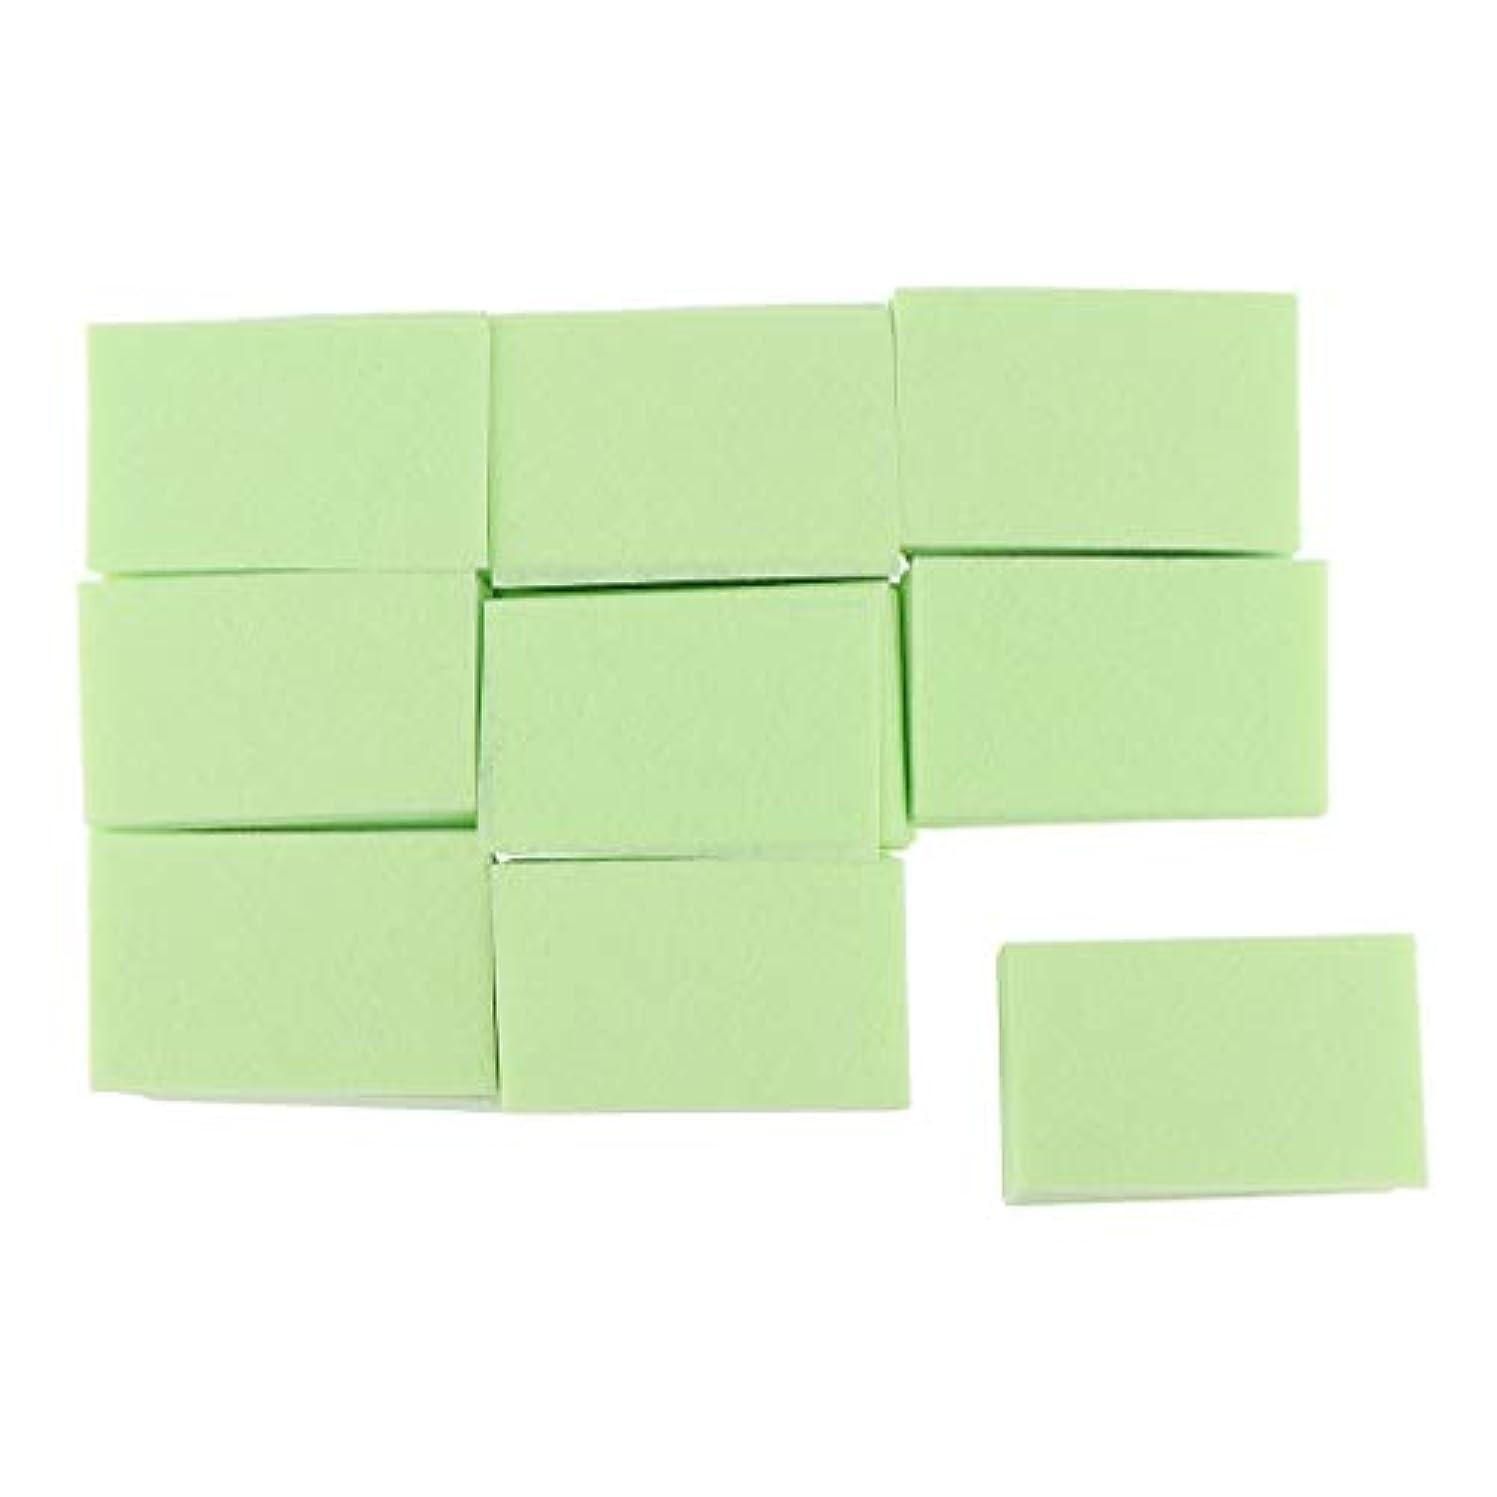 ファセット火曜日虐待プレミアムメイクアップフェイシャルソフトコットンスクエア、化粧品、ネイルアート、パーソナルケアに適しています、700カウント、6x3.6cm - 緑